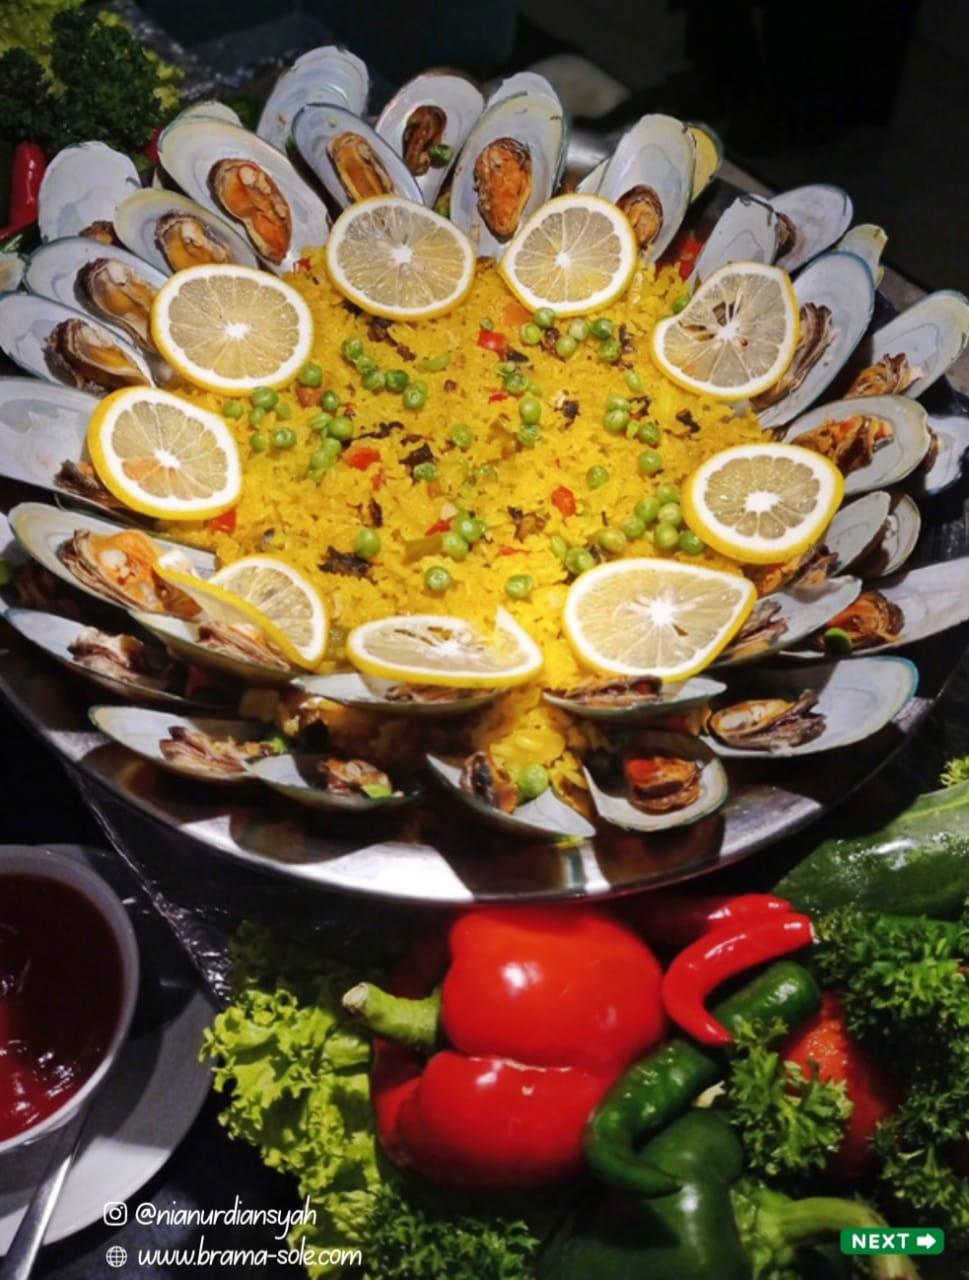 Paella hidangan khas Spanyol